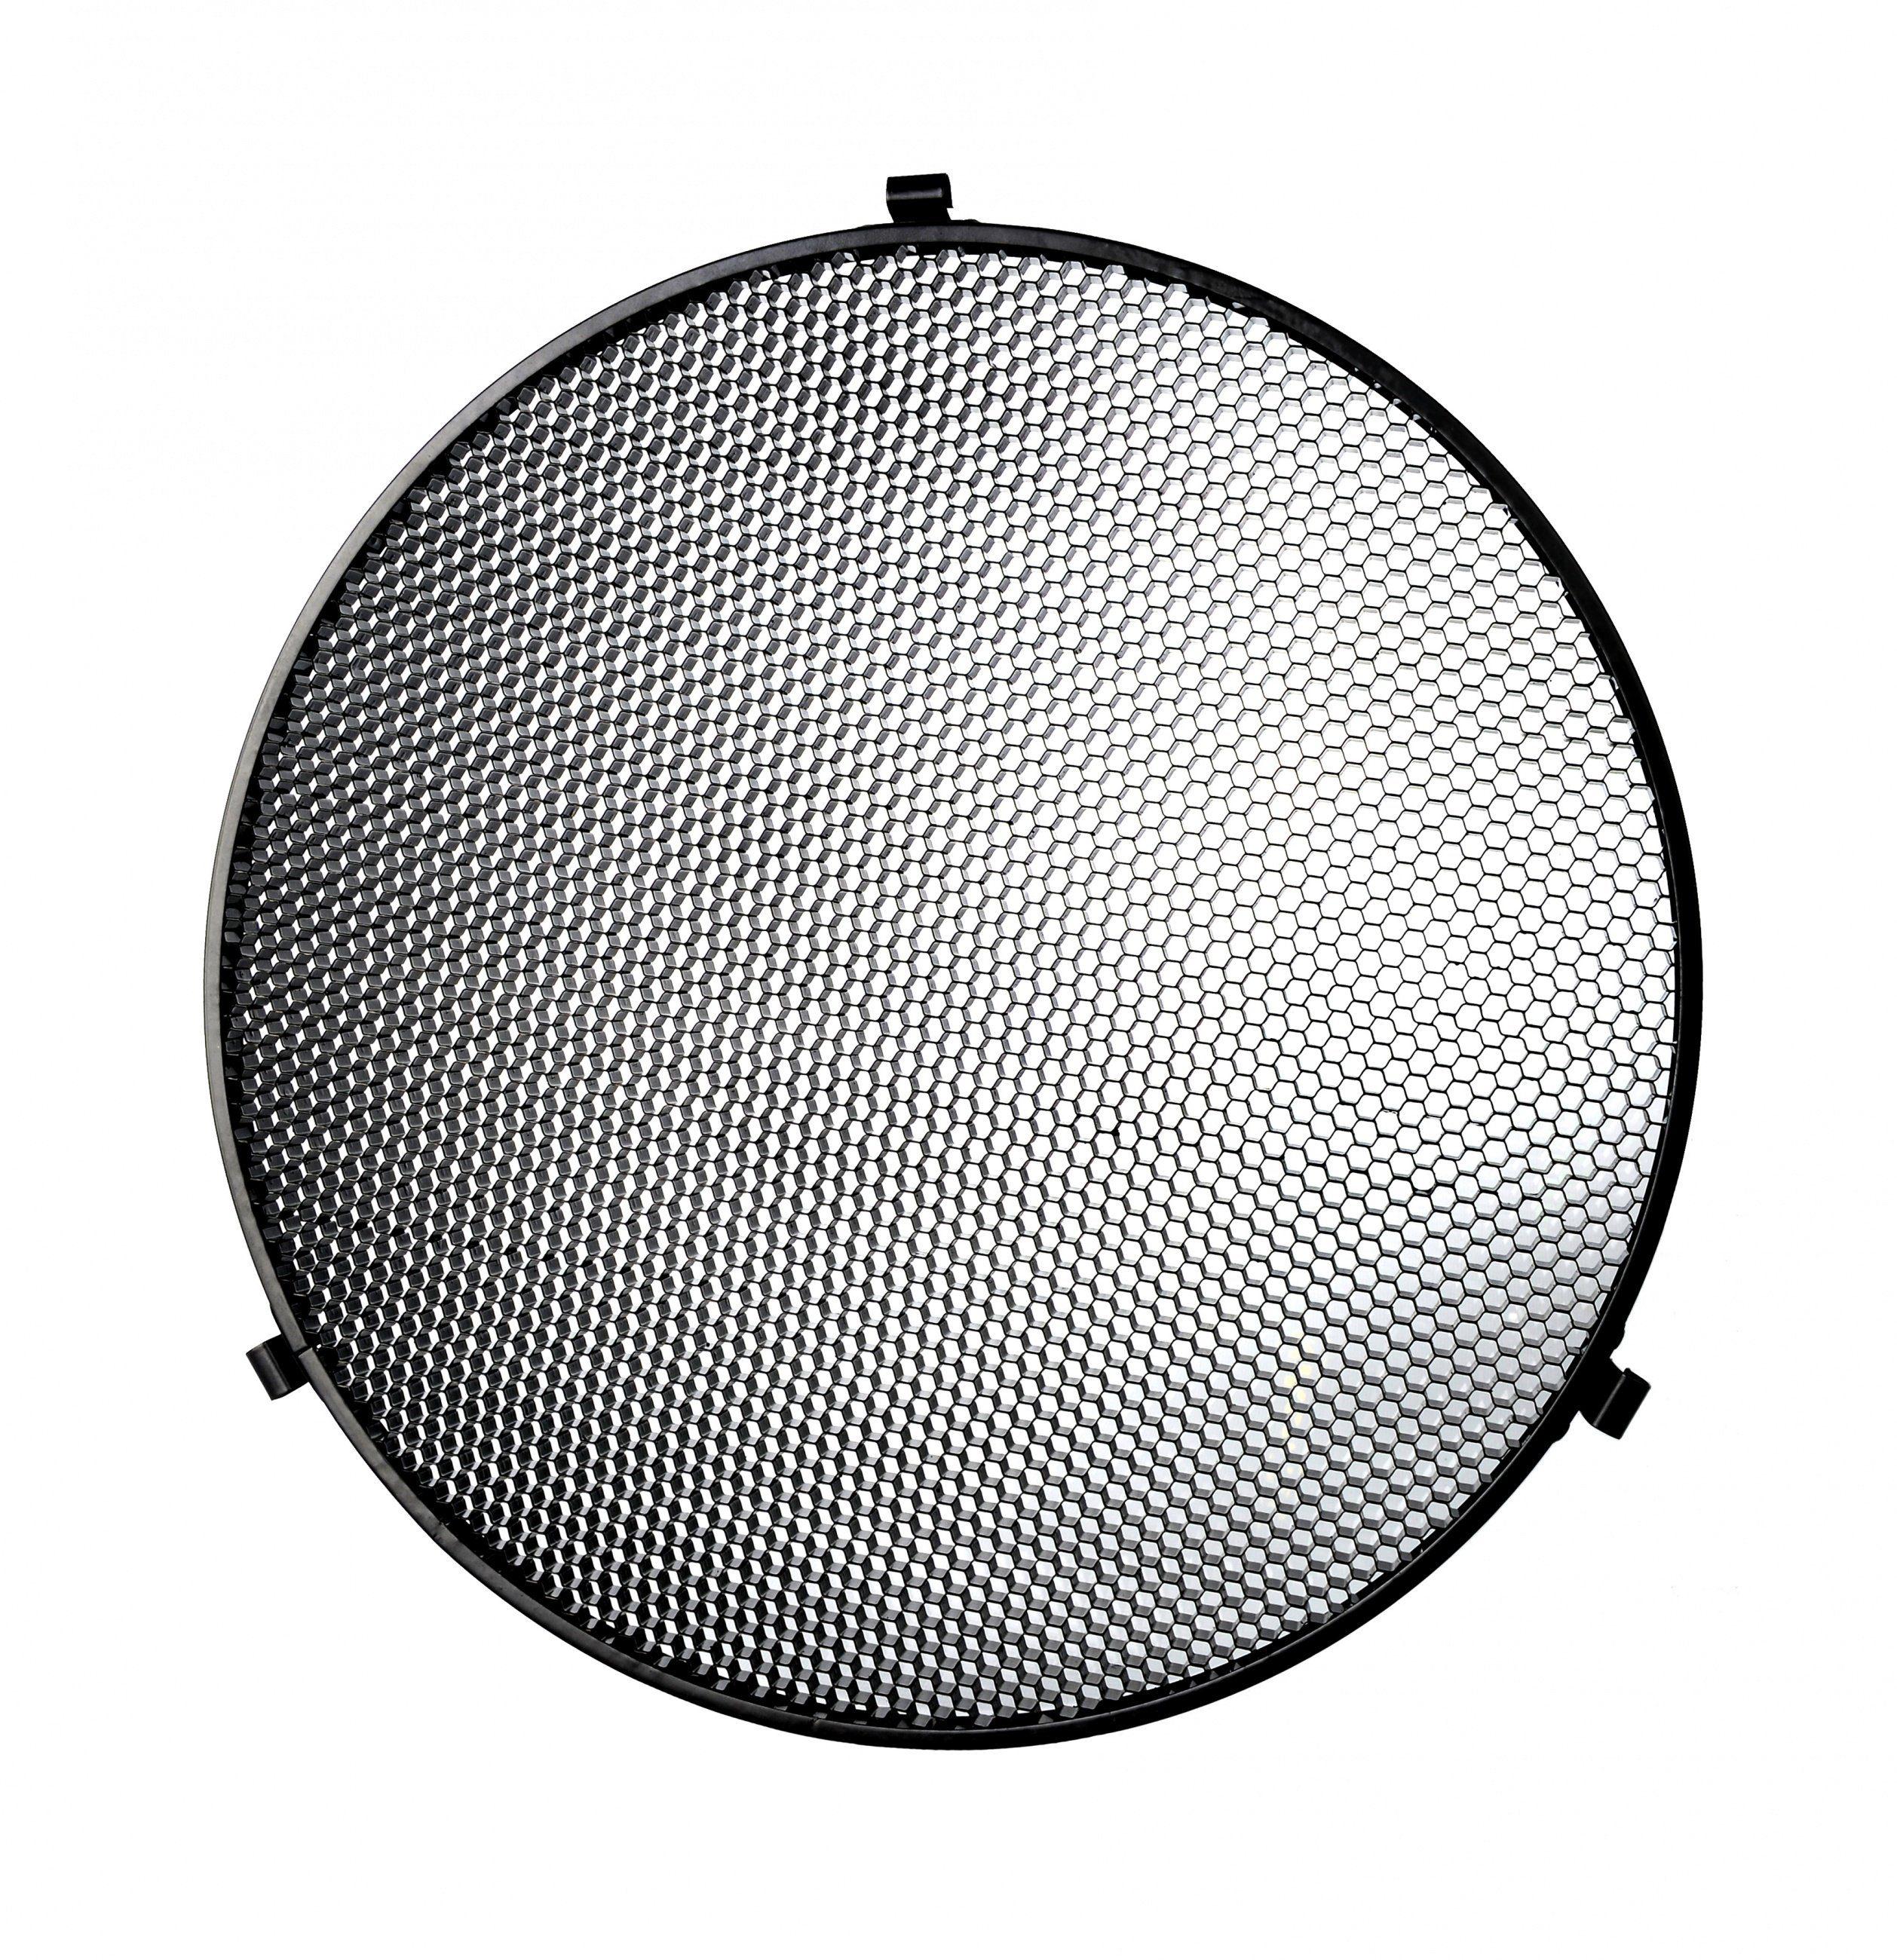 BRESSER Fotostudio »BRESSER M-38 Wabe für 35 cm Reflektor«